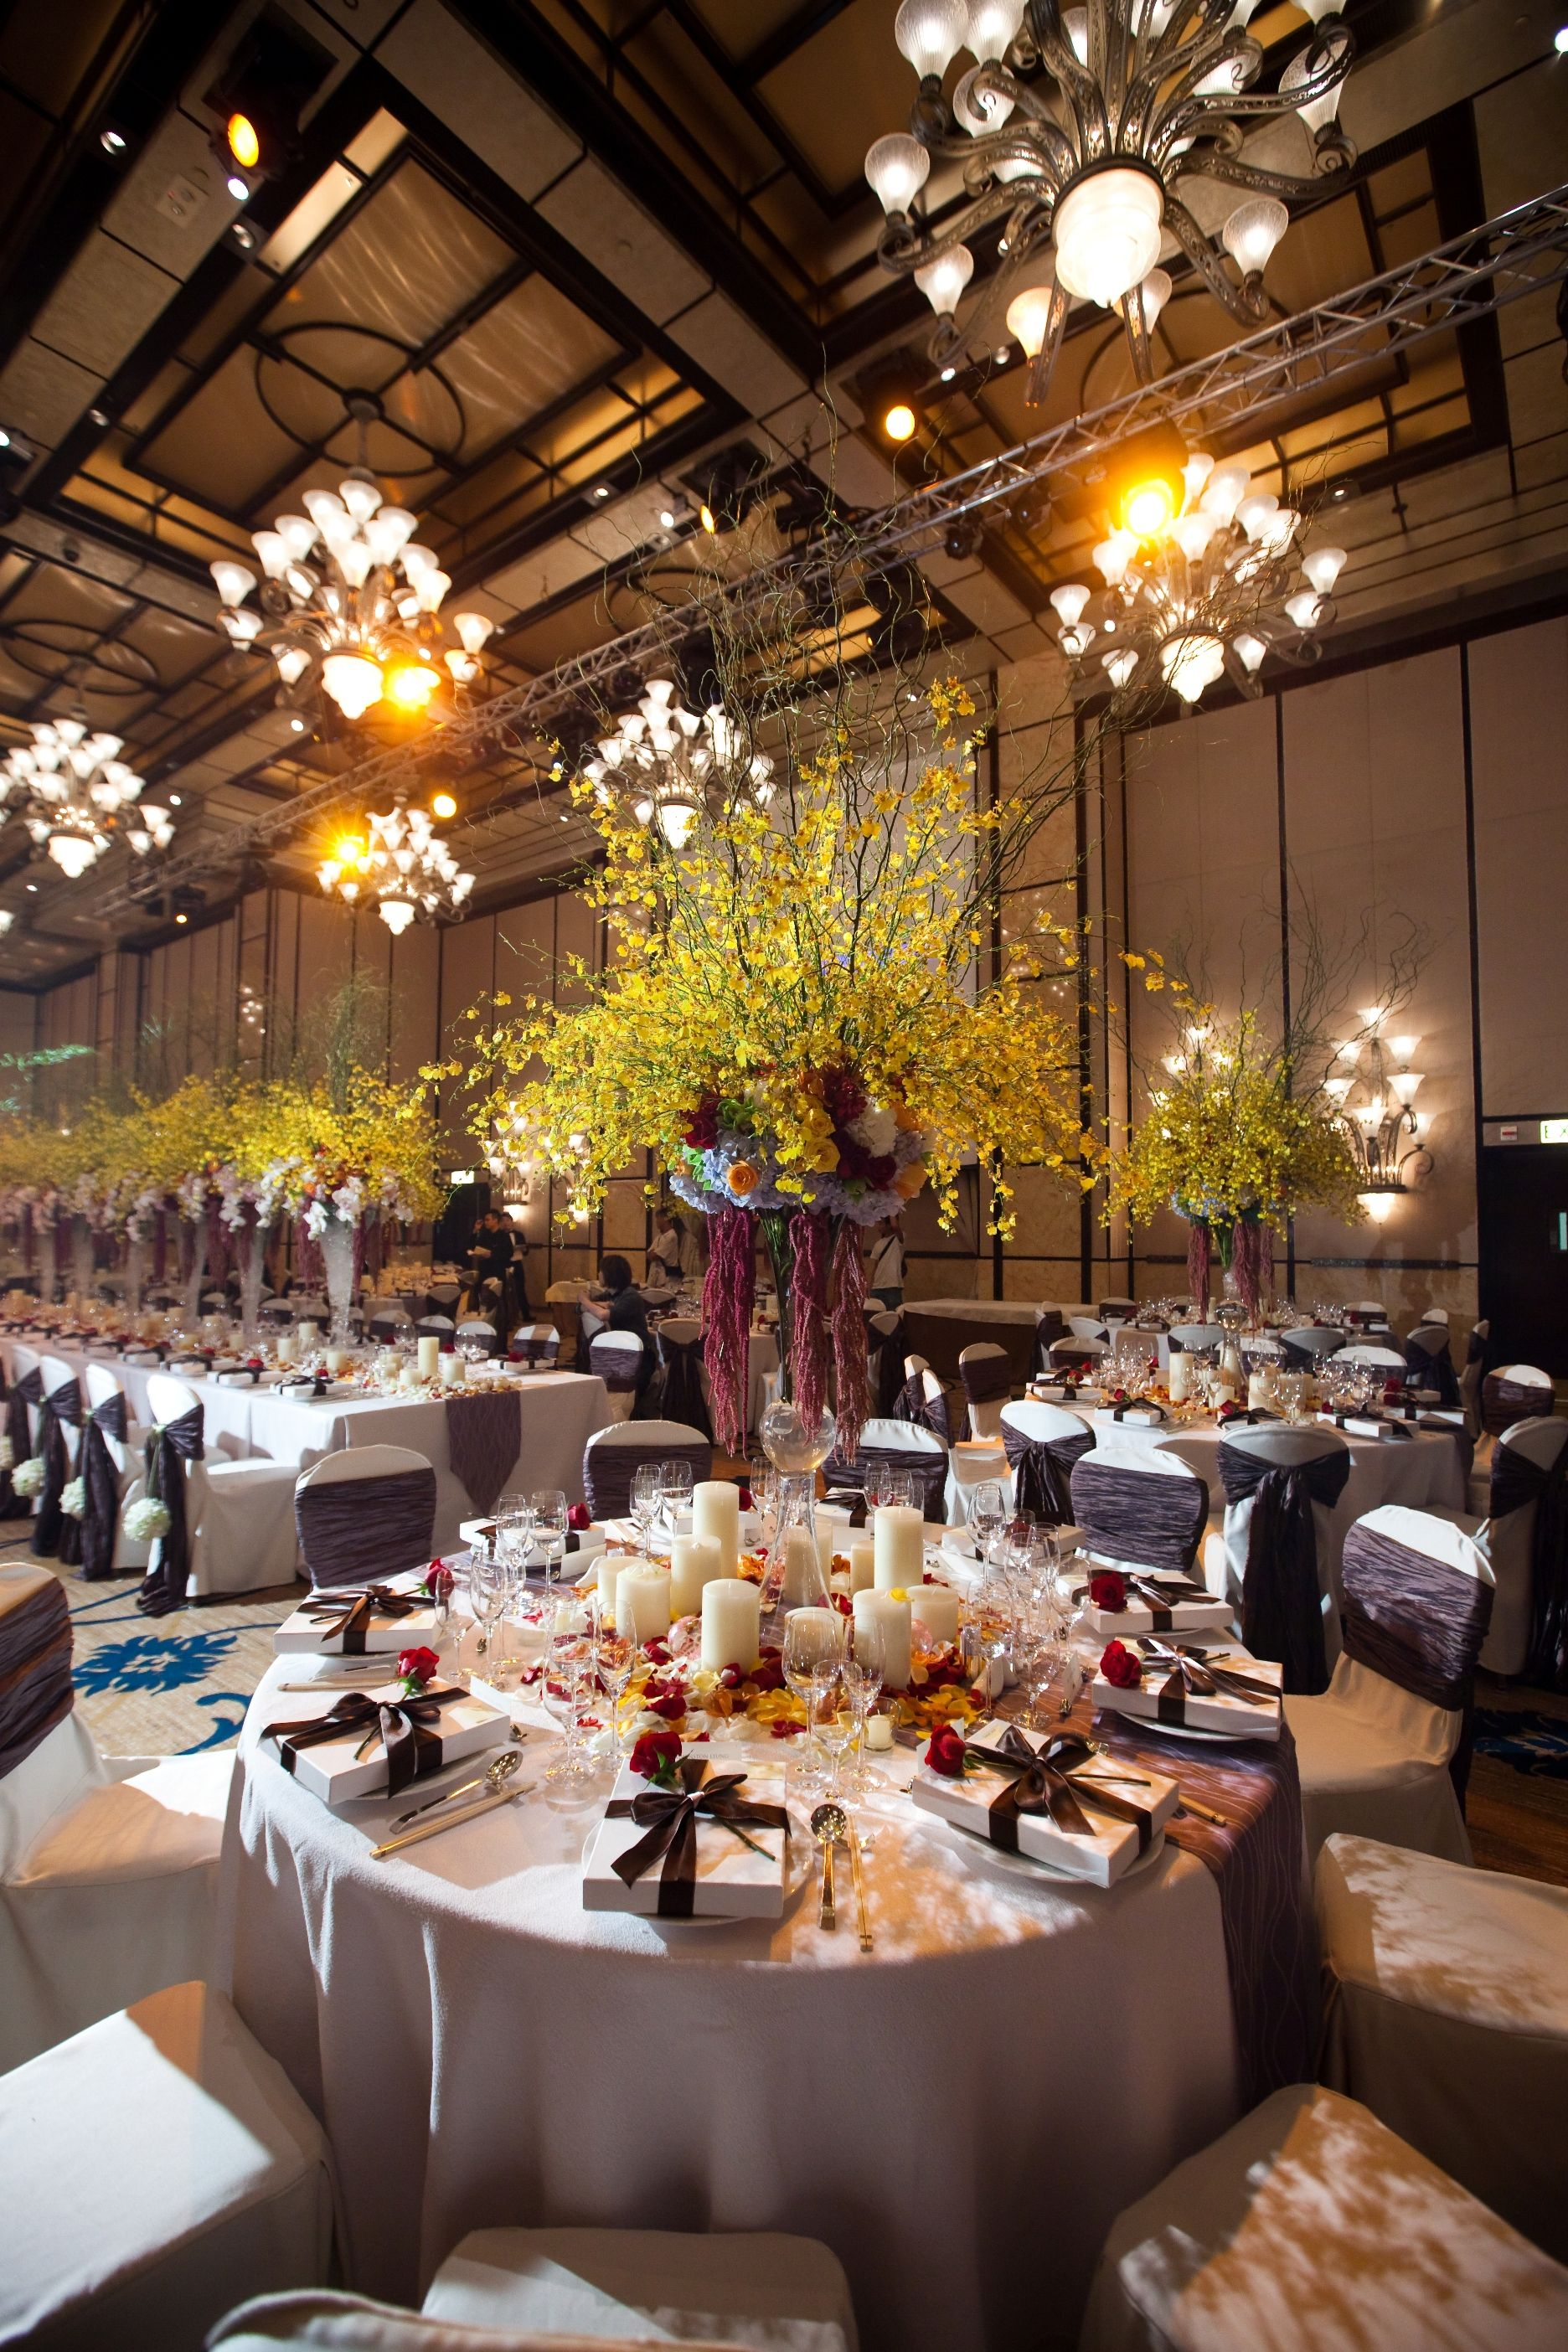 Four Seasons Hong Kong A Nagy Bálterem Dekorációja Ki Mondta Hogy Szállodában Nem Lehet Szép Esküvőt Szervezni